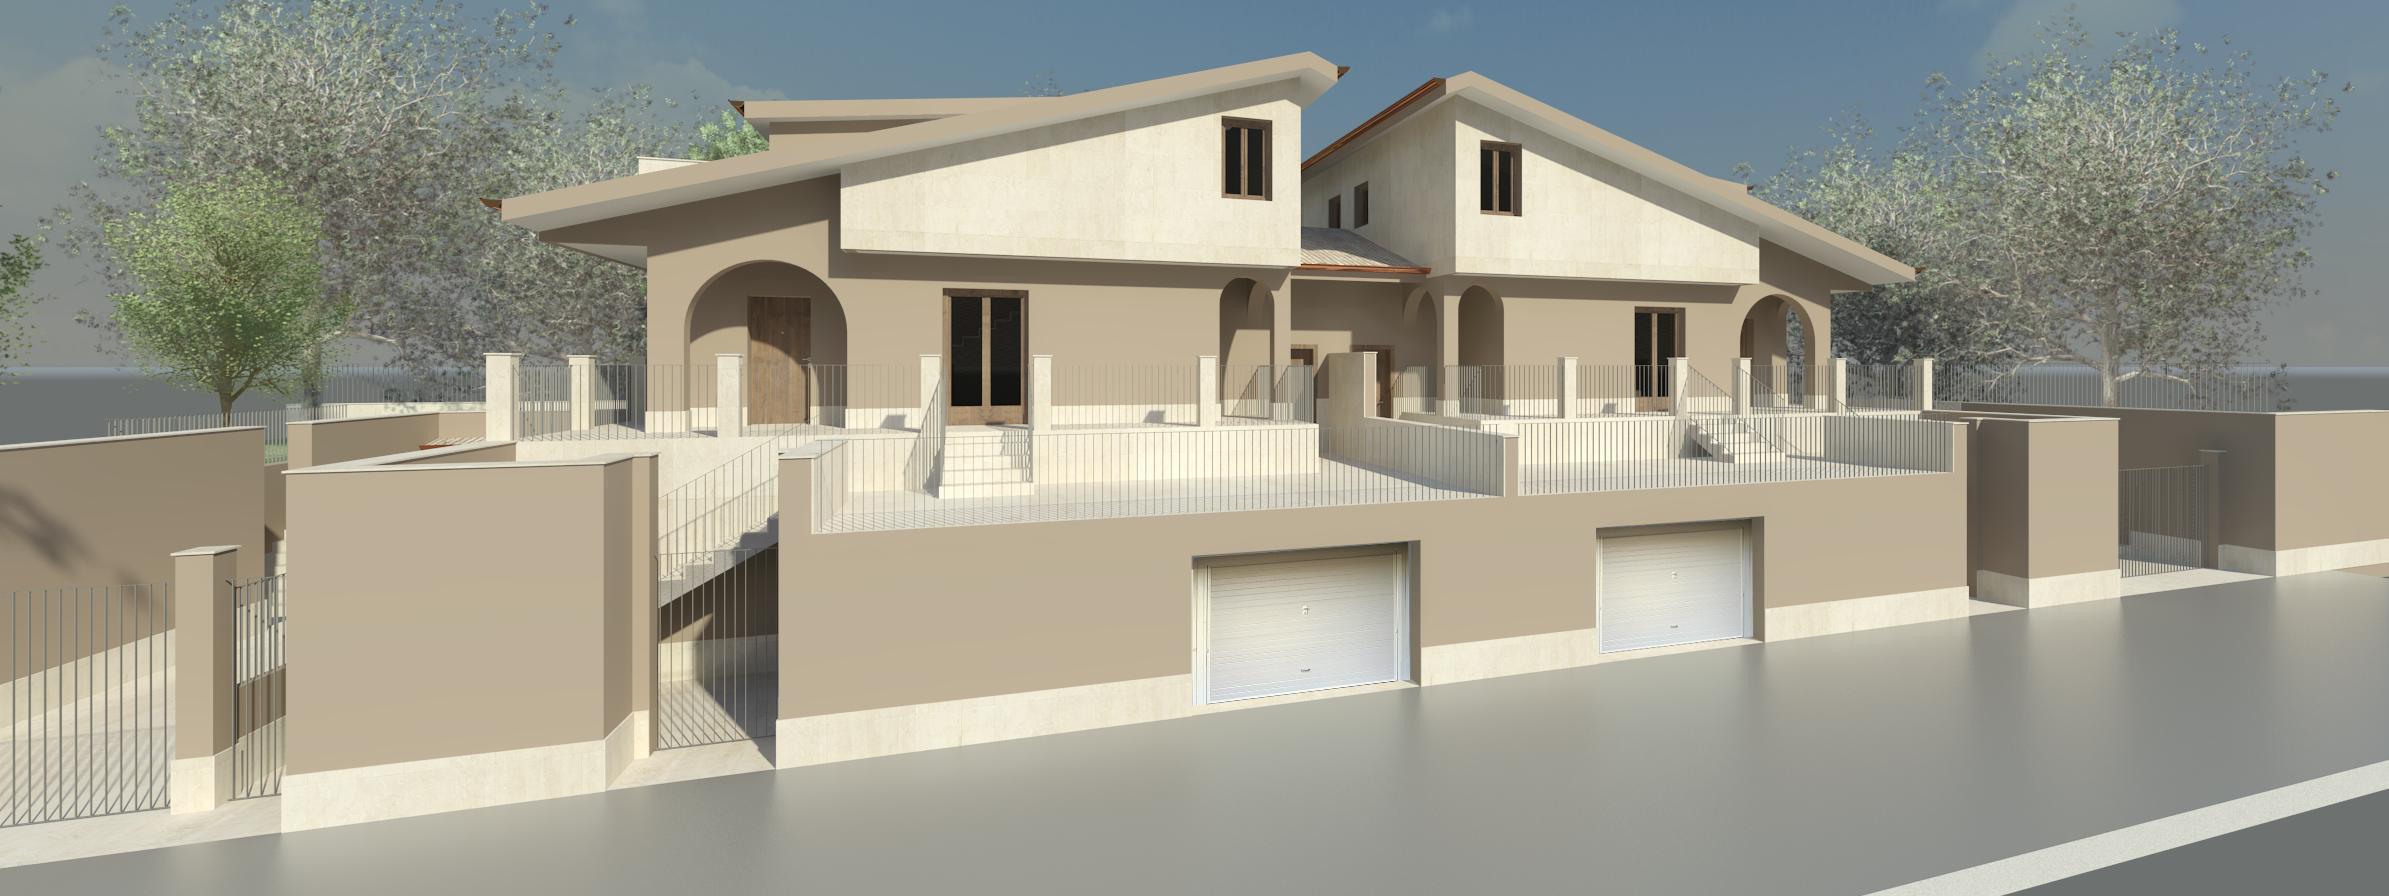 Imprese Di Costruzioni Roma gmg s.r.l. |impresa edile guidonia-roma| ristrutturazioni